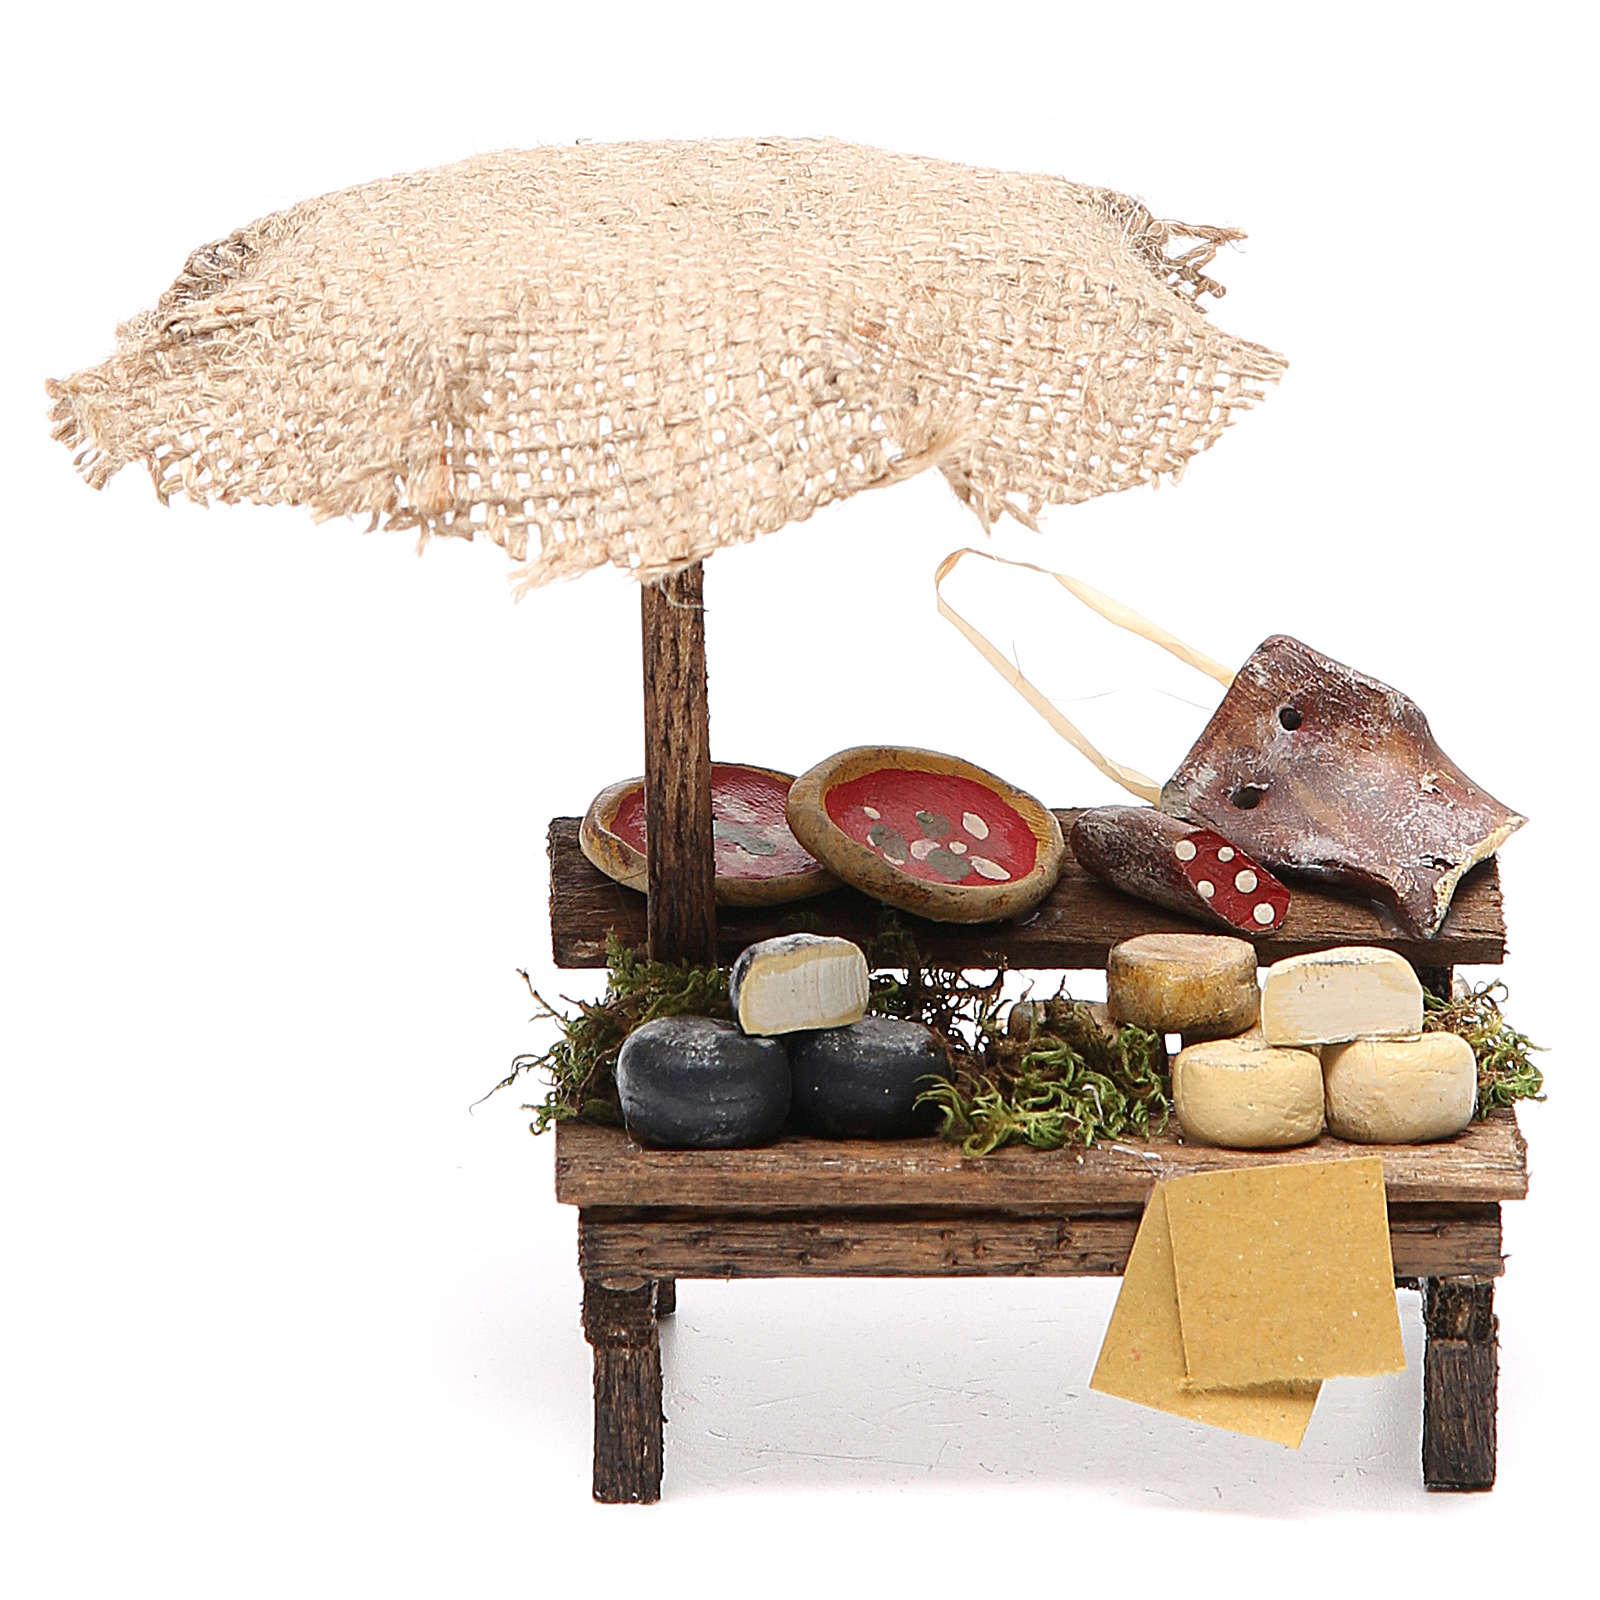 Banco presepe con ombrello pizza formaggi 12x10x12 cm 4